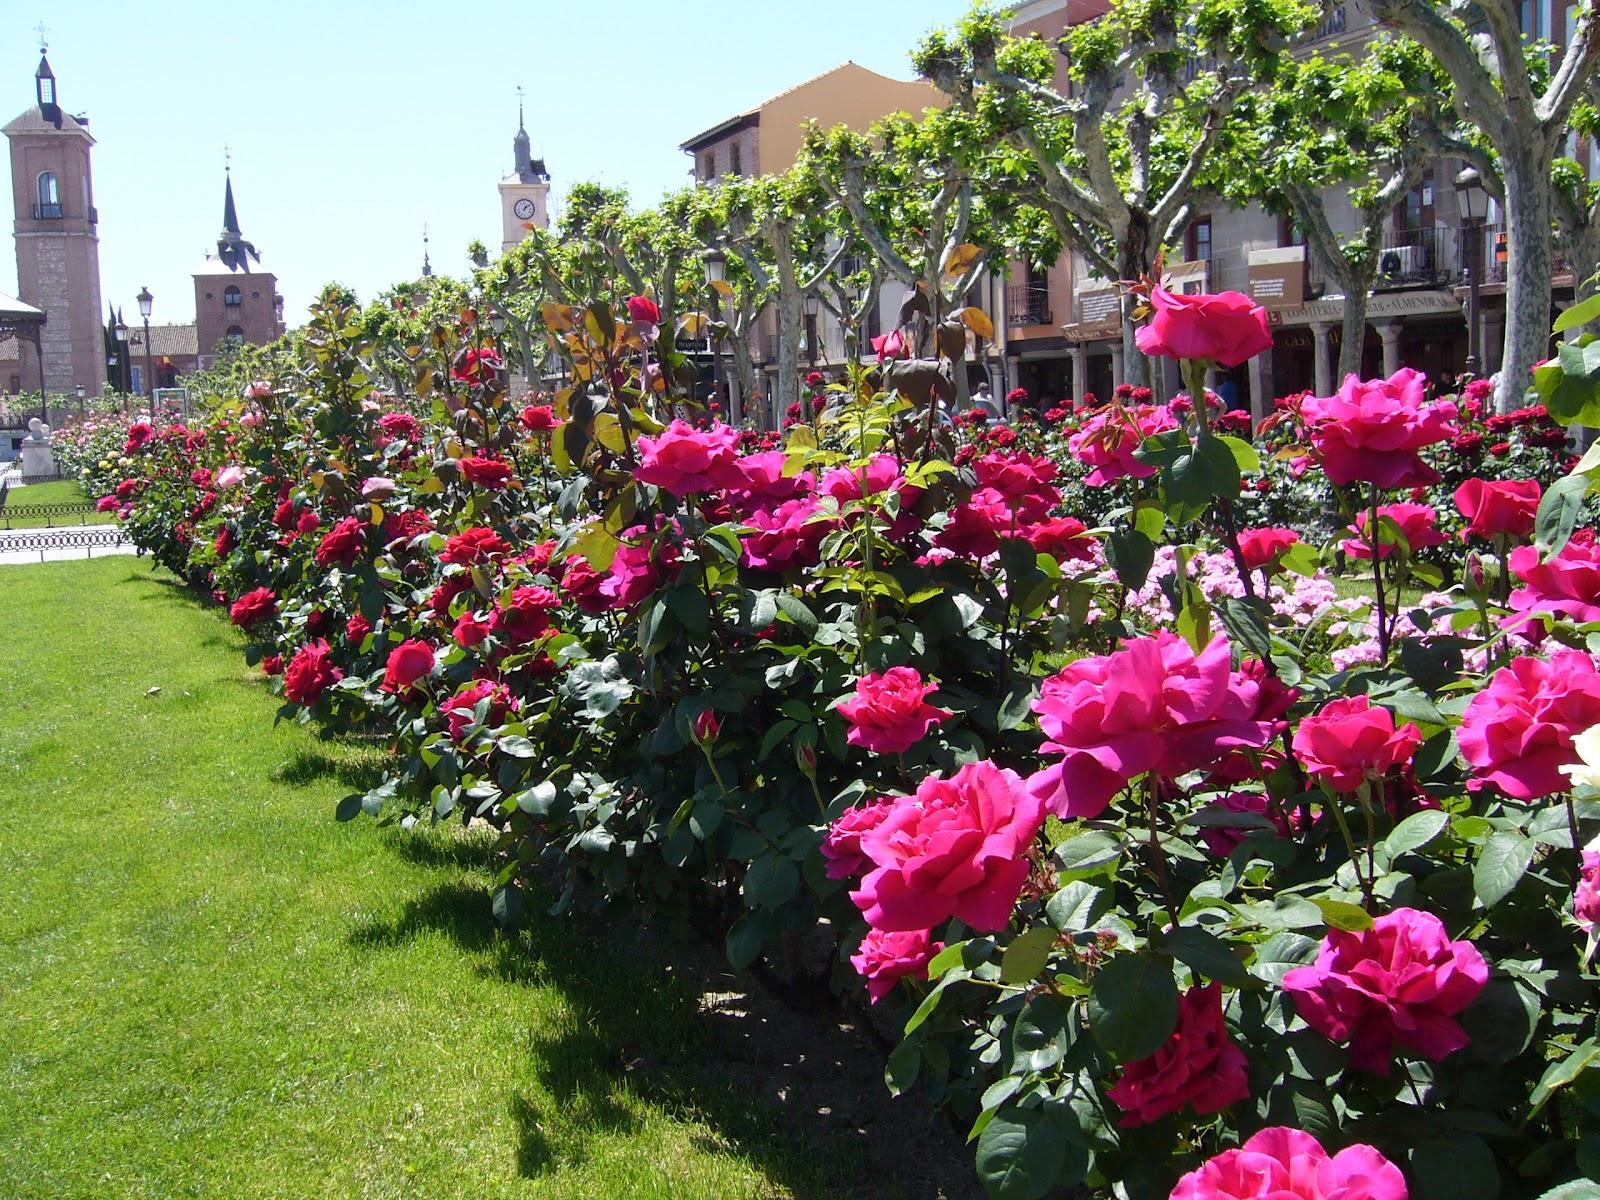 Otra mirada jard n de rosas for Cancion jardin de rosas